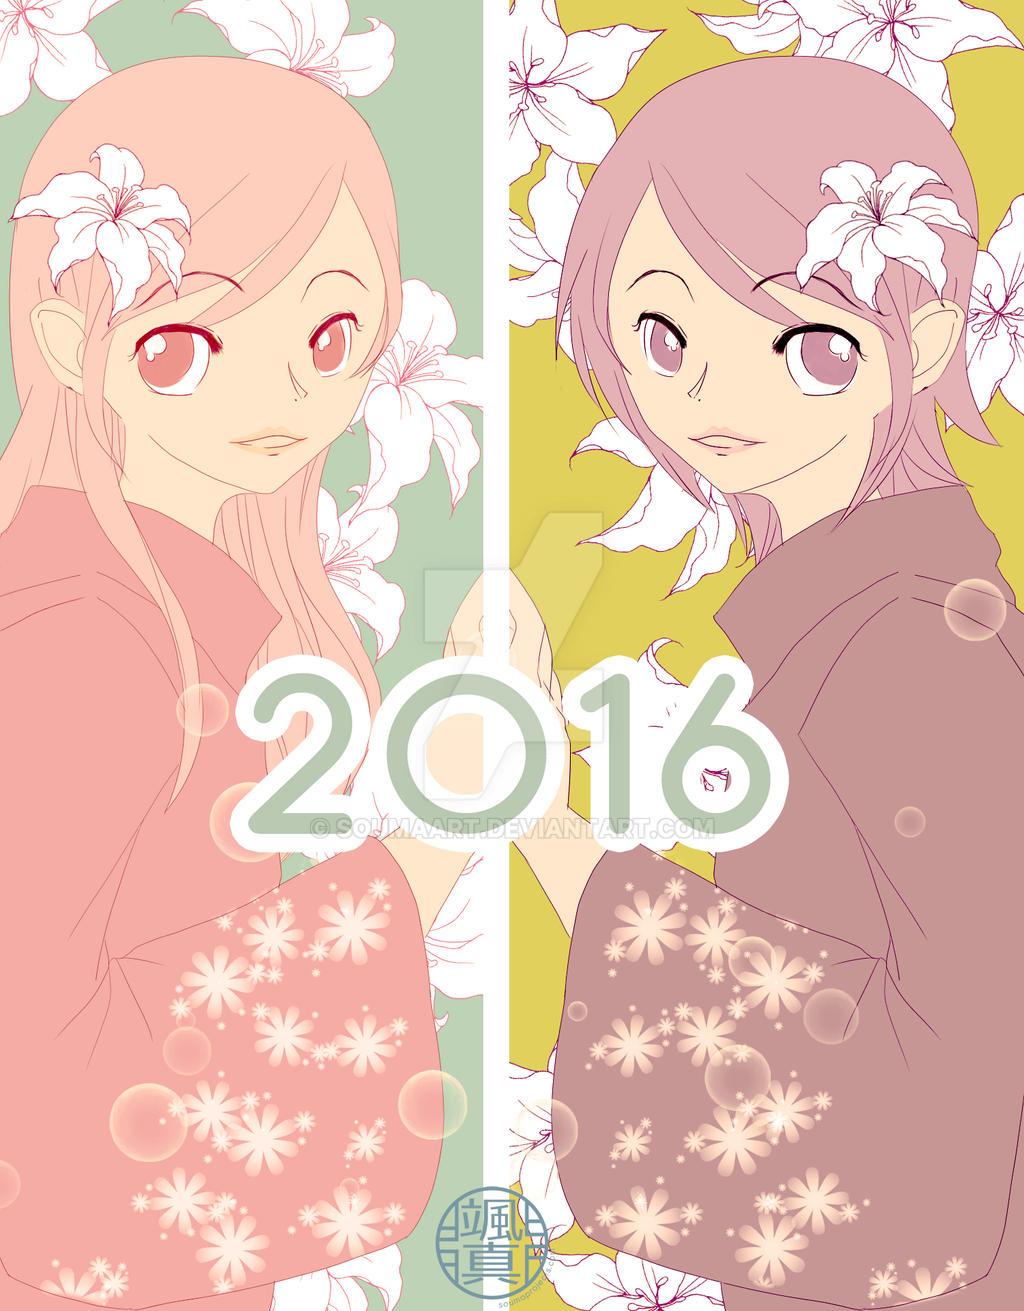 2016 by SoumaArt